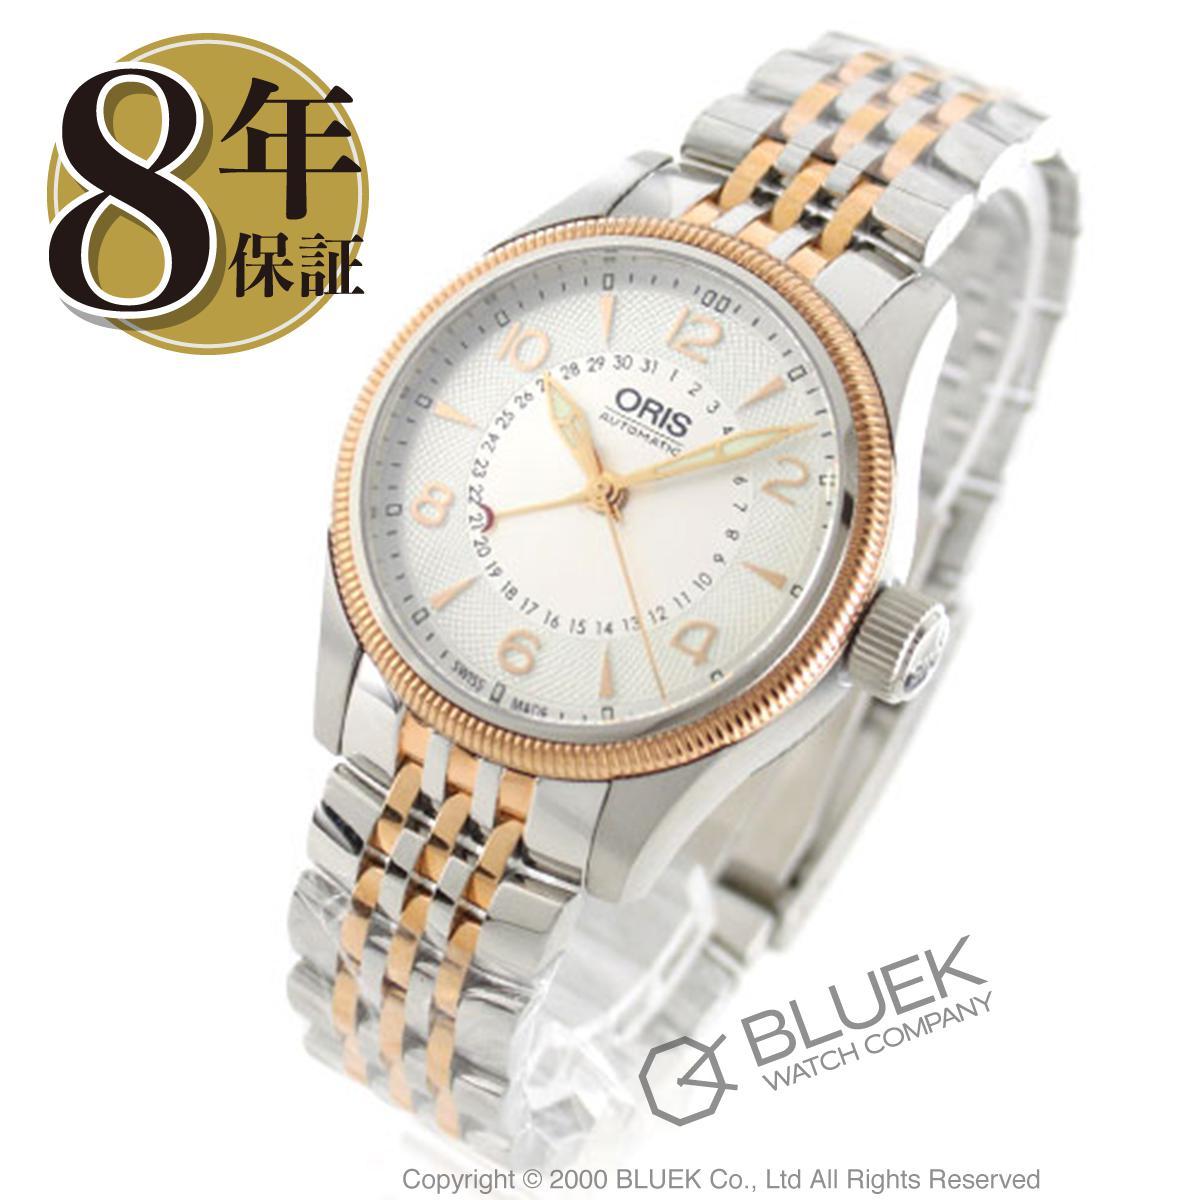 【3,000円OFFクーポン対象】オリス ビッグクラウン 腕時計 メンズ ORIS 754 7679 4361M_8